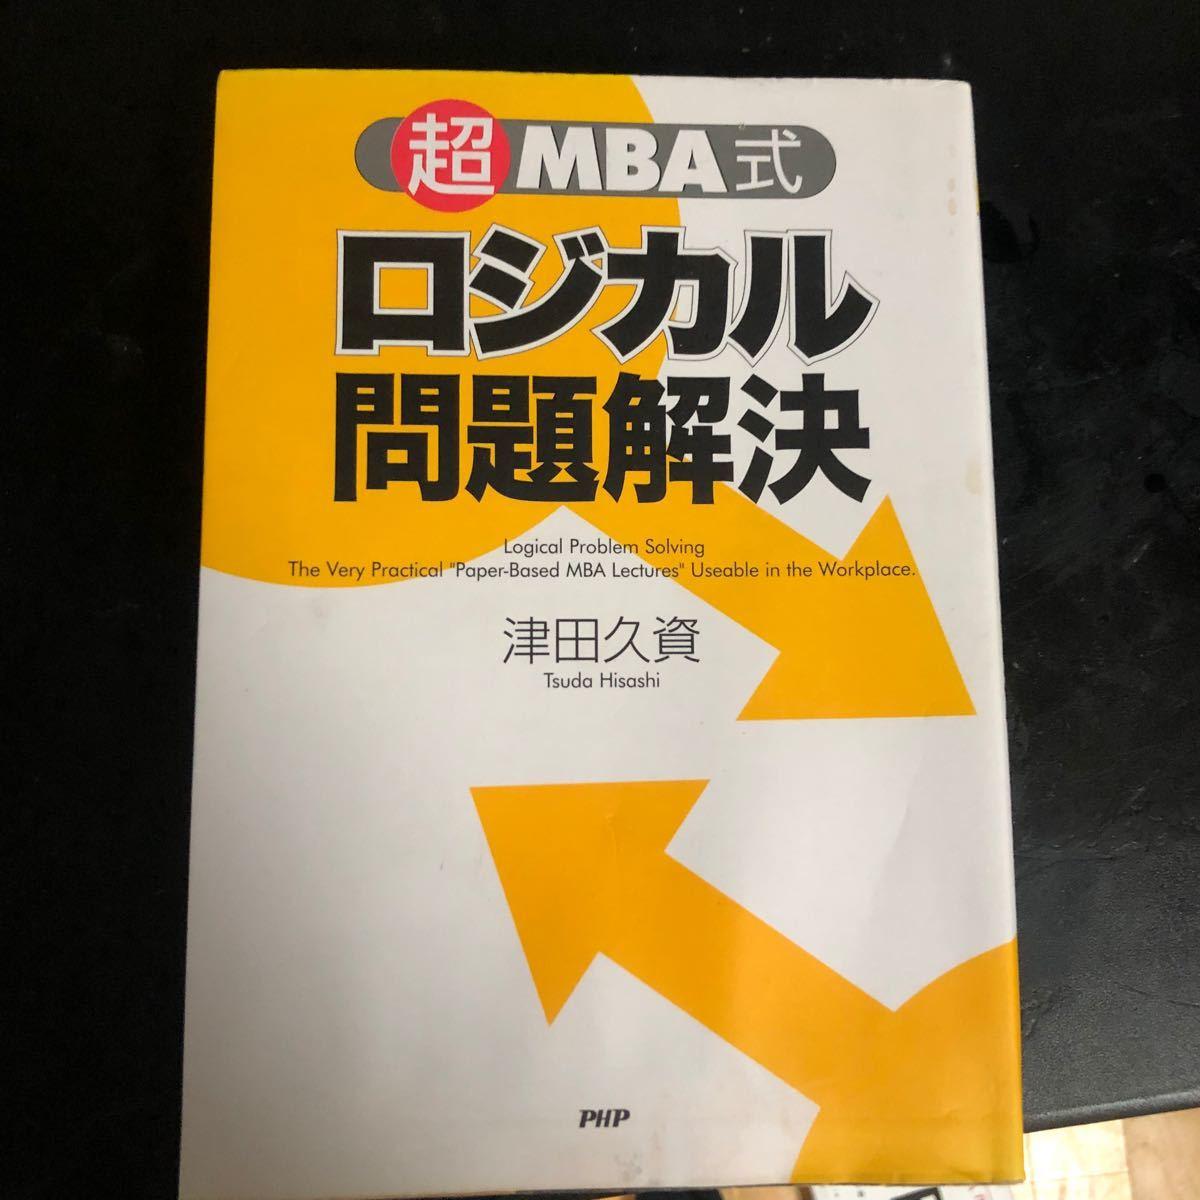 「超」 MBA式ロジカル問題解決/津田久資